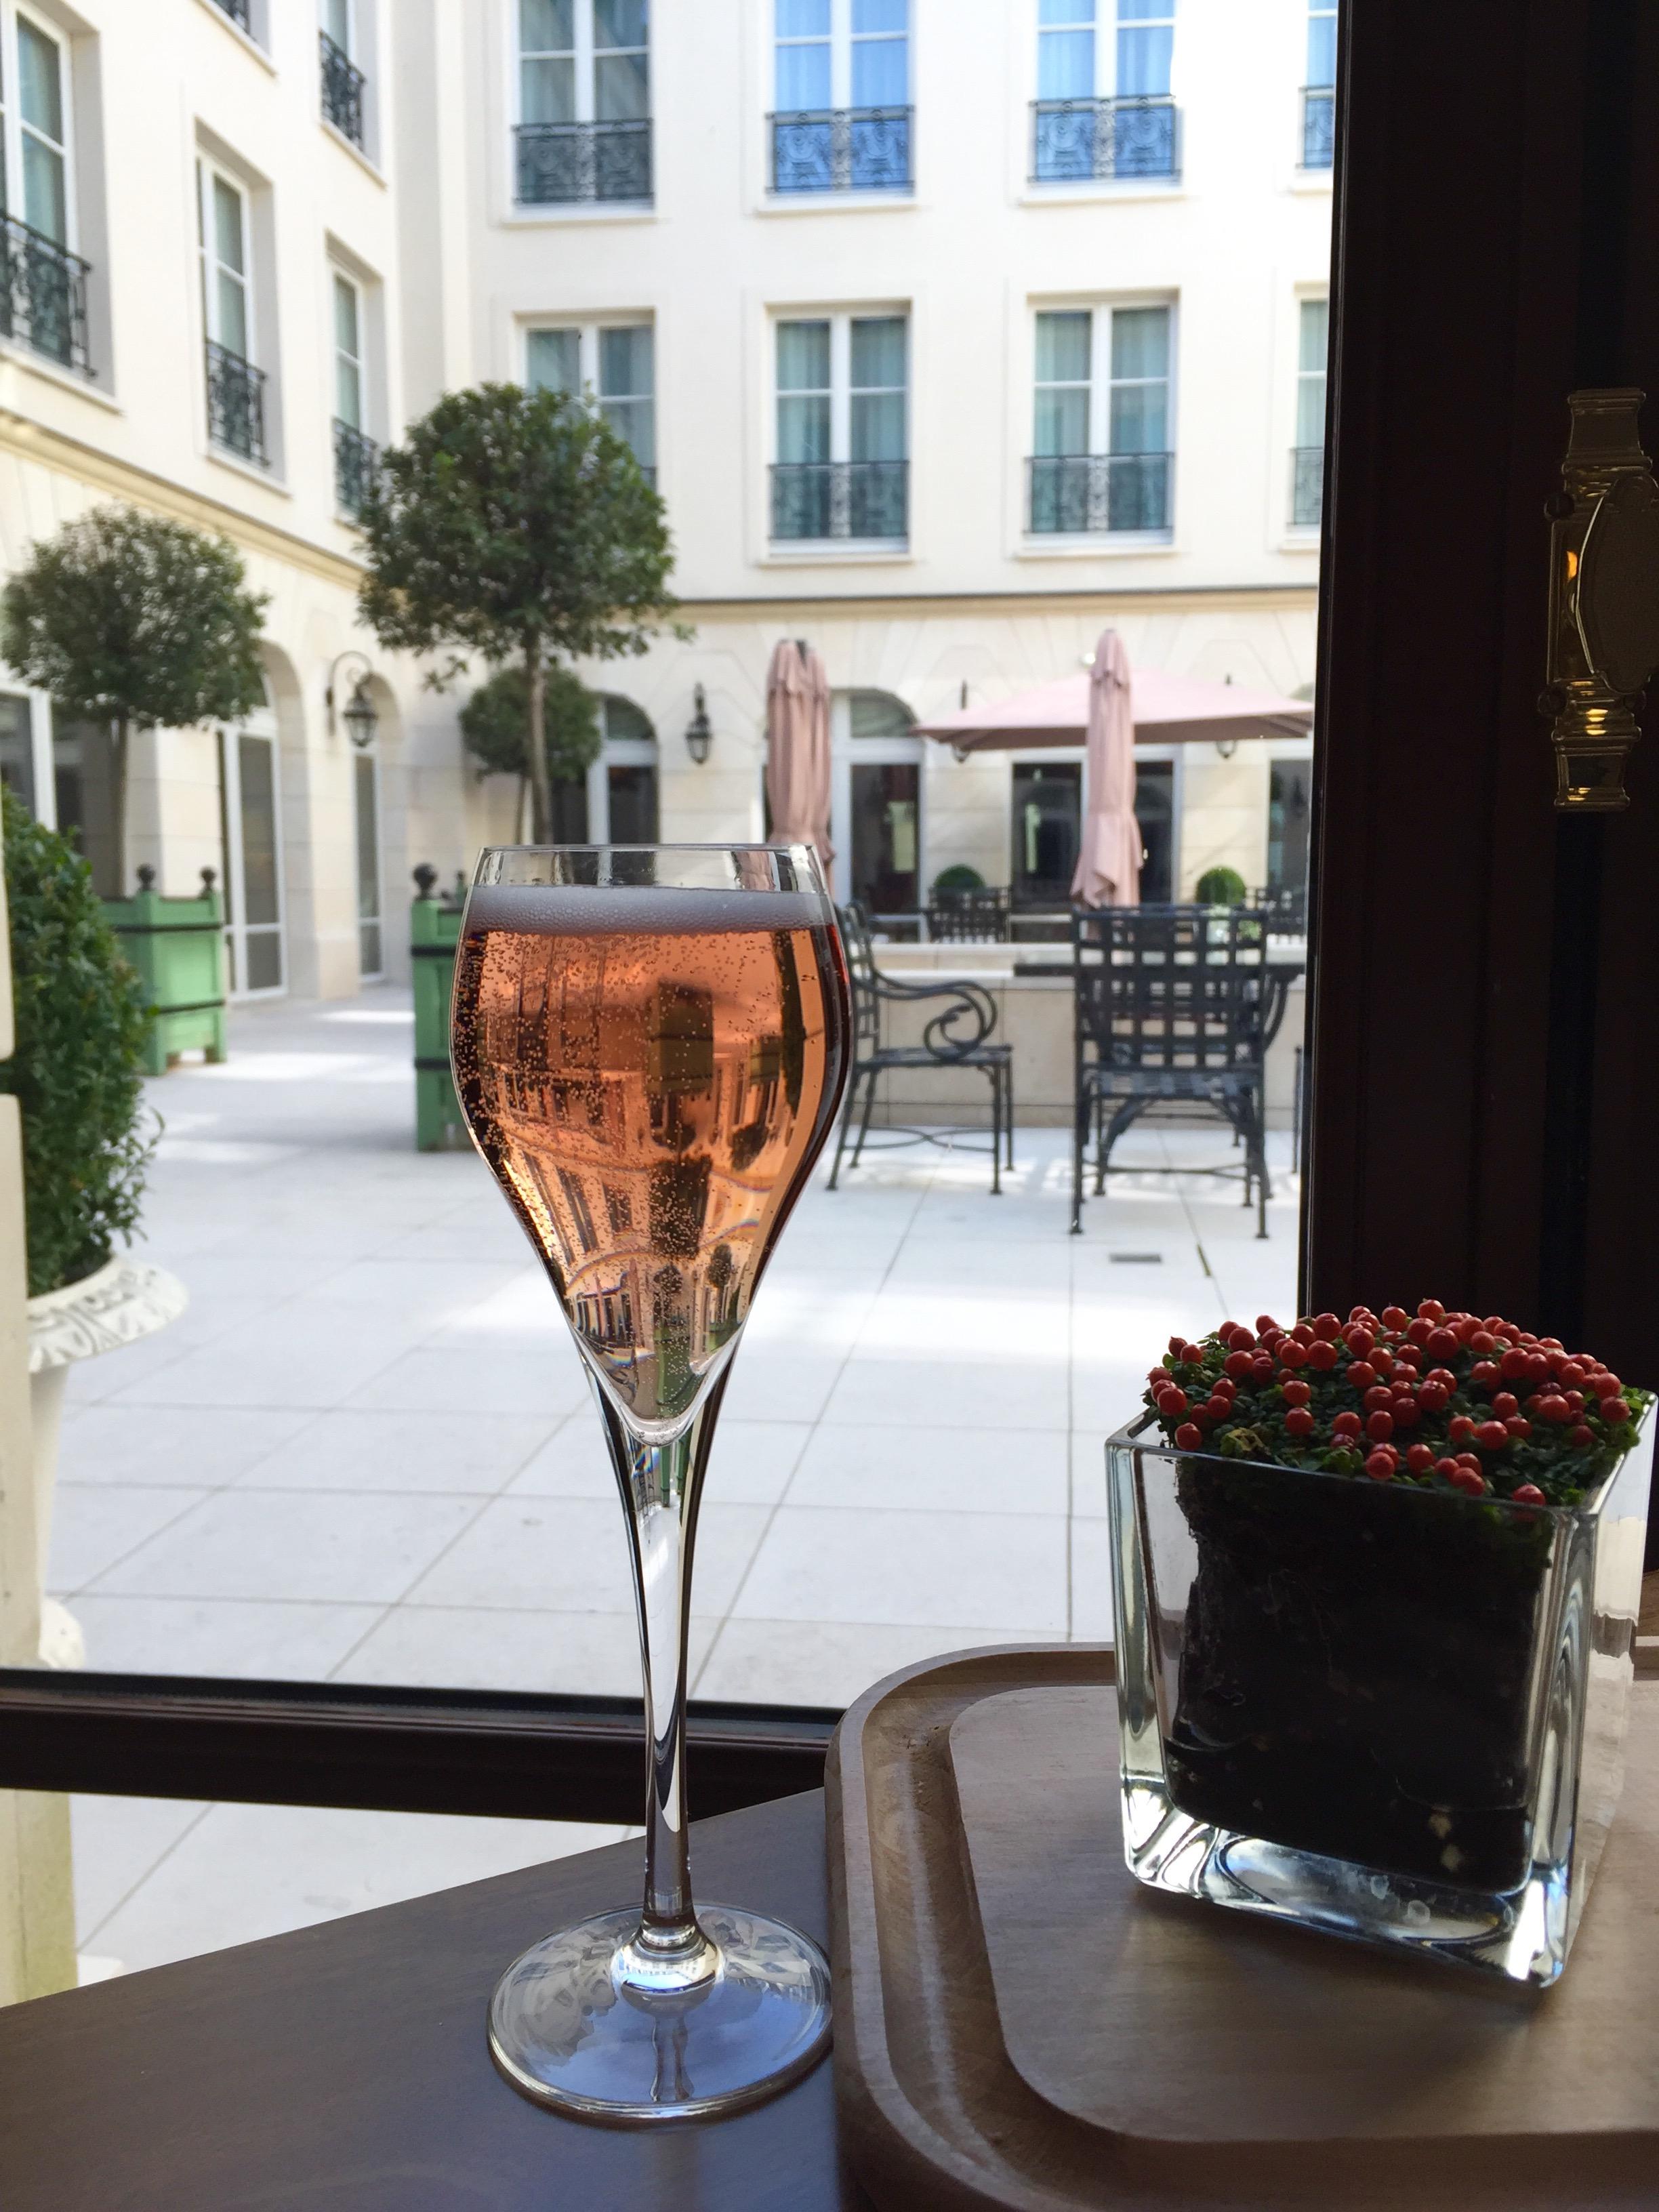 Relais and Chateaux Auberge du jeu de paume